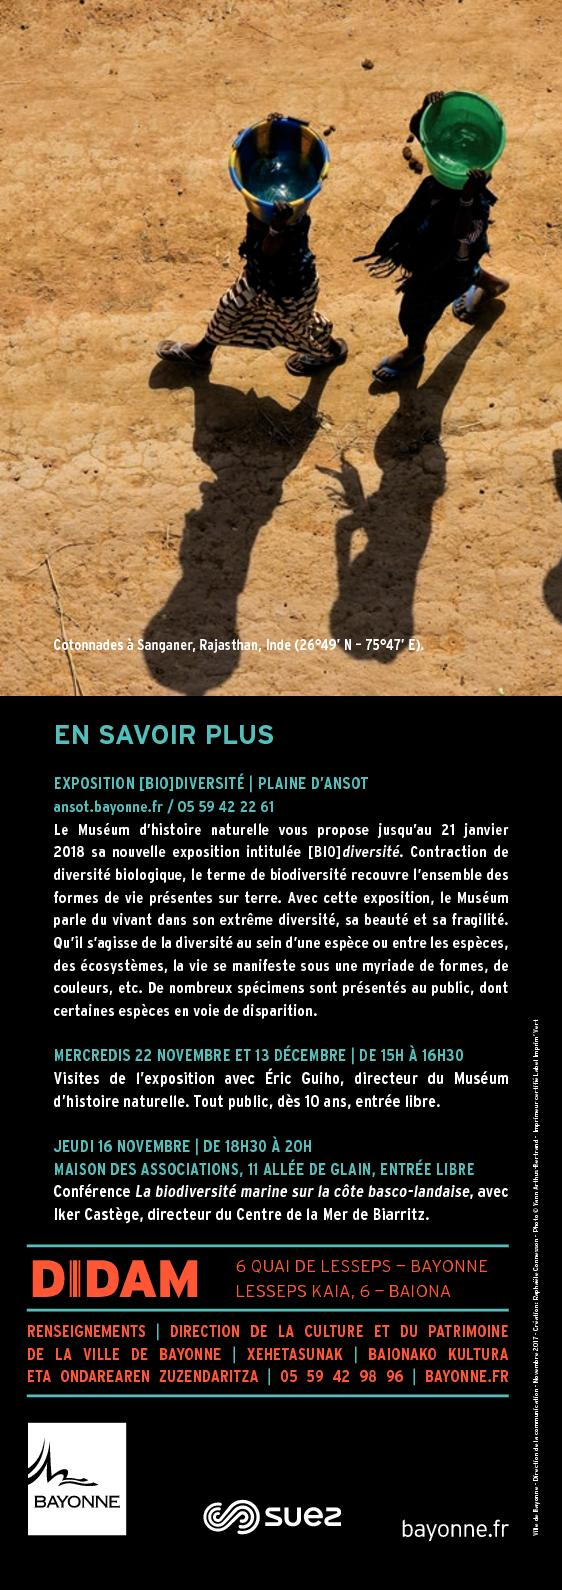 Allée De Niert Bayonne exposition home yann arthus-bertrand - calameo downloader